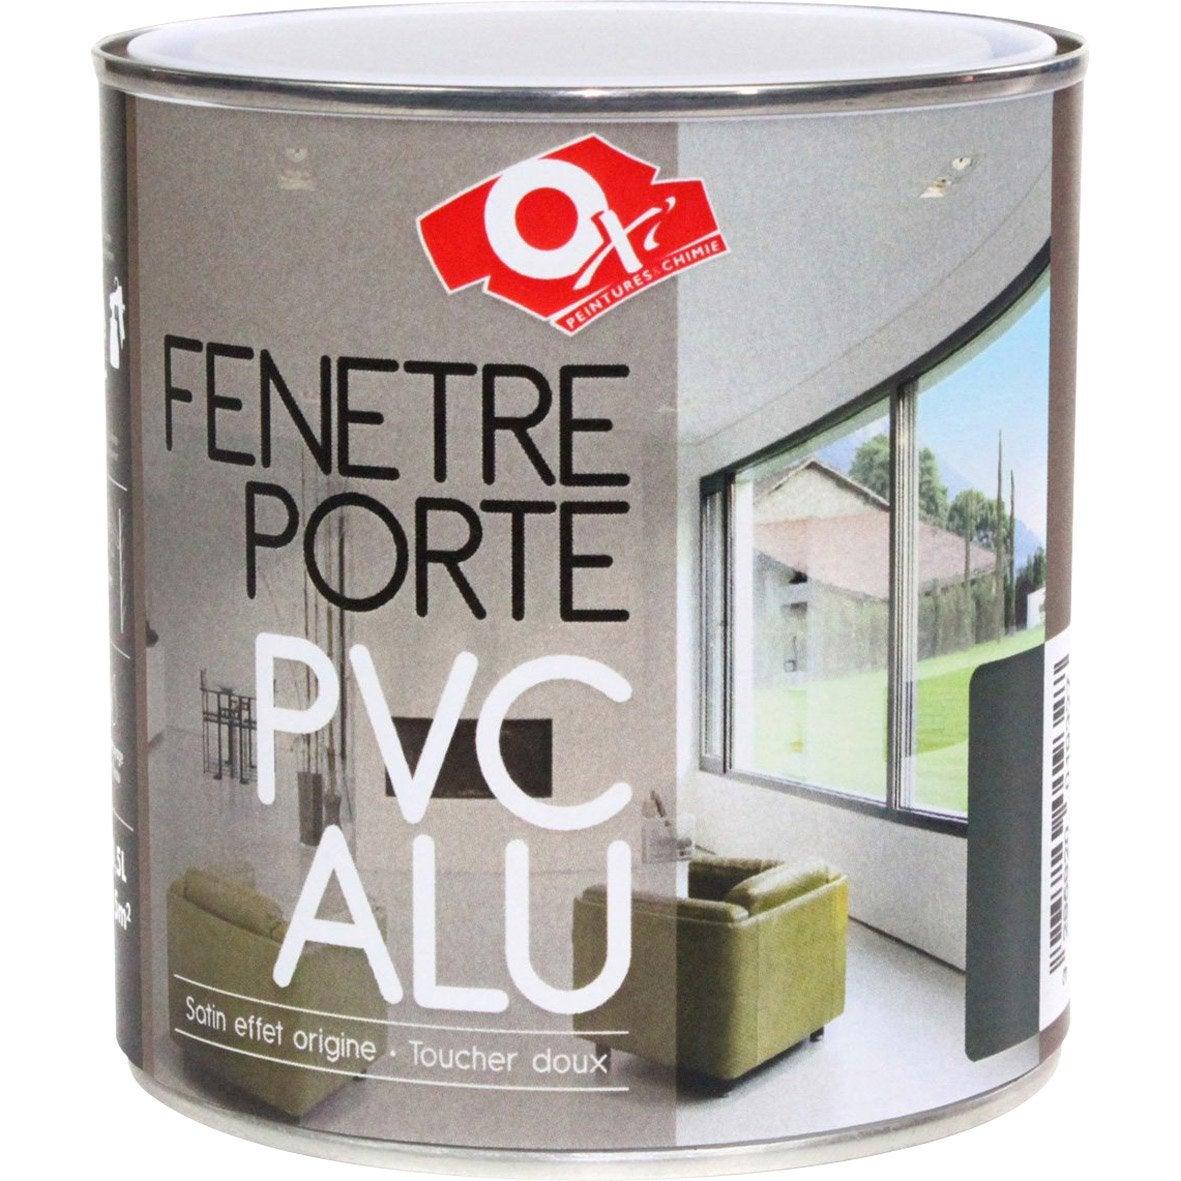 Peinture pvc aluminium int rieur grafite 0 5 l leroy merlin - Peinture pvc leroy merlin ...